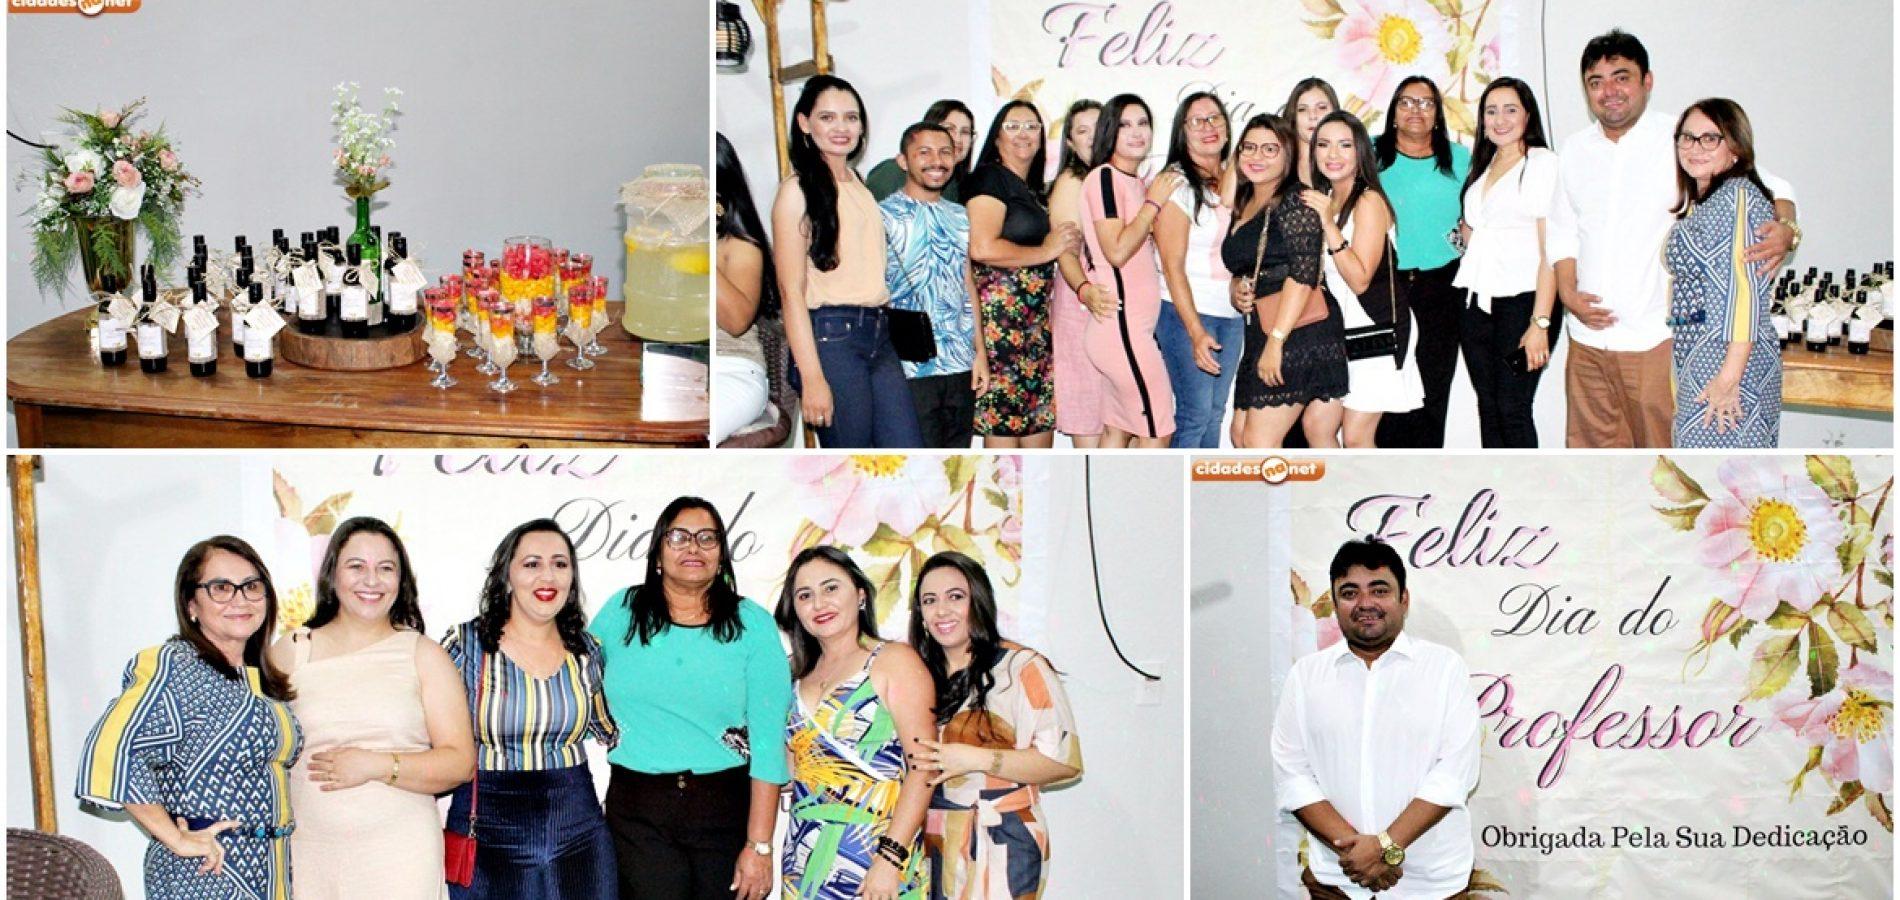 ALEGRETE | Educação promove festa e homenageia professores pelo seu dia; fotos